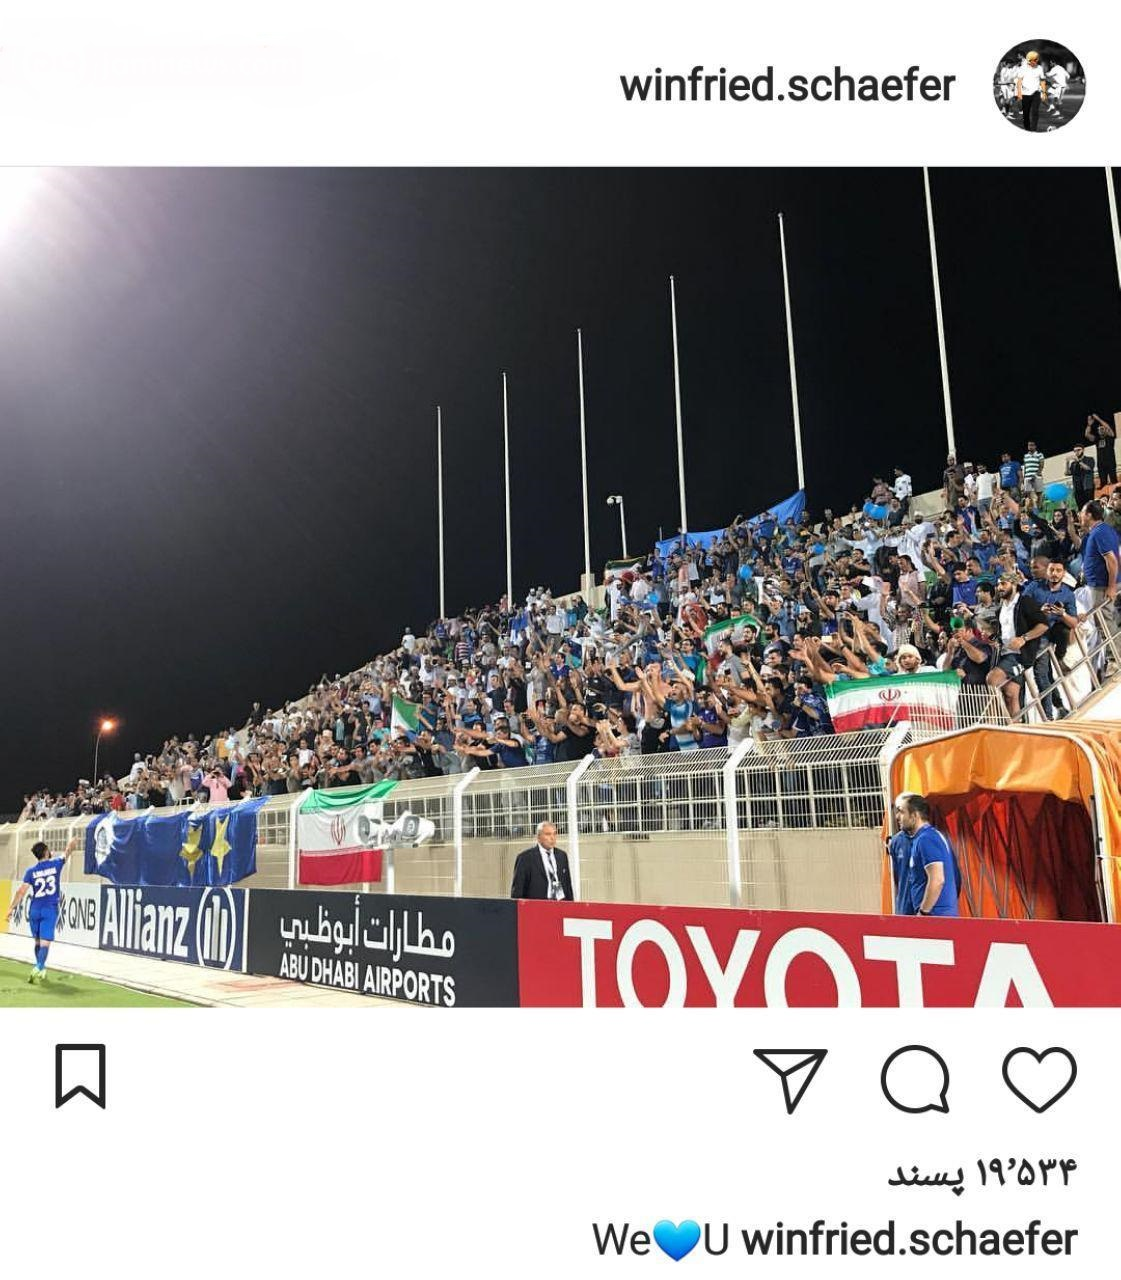 واکنش وینفرد شفر پس از پیروزی استقلال + عکس